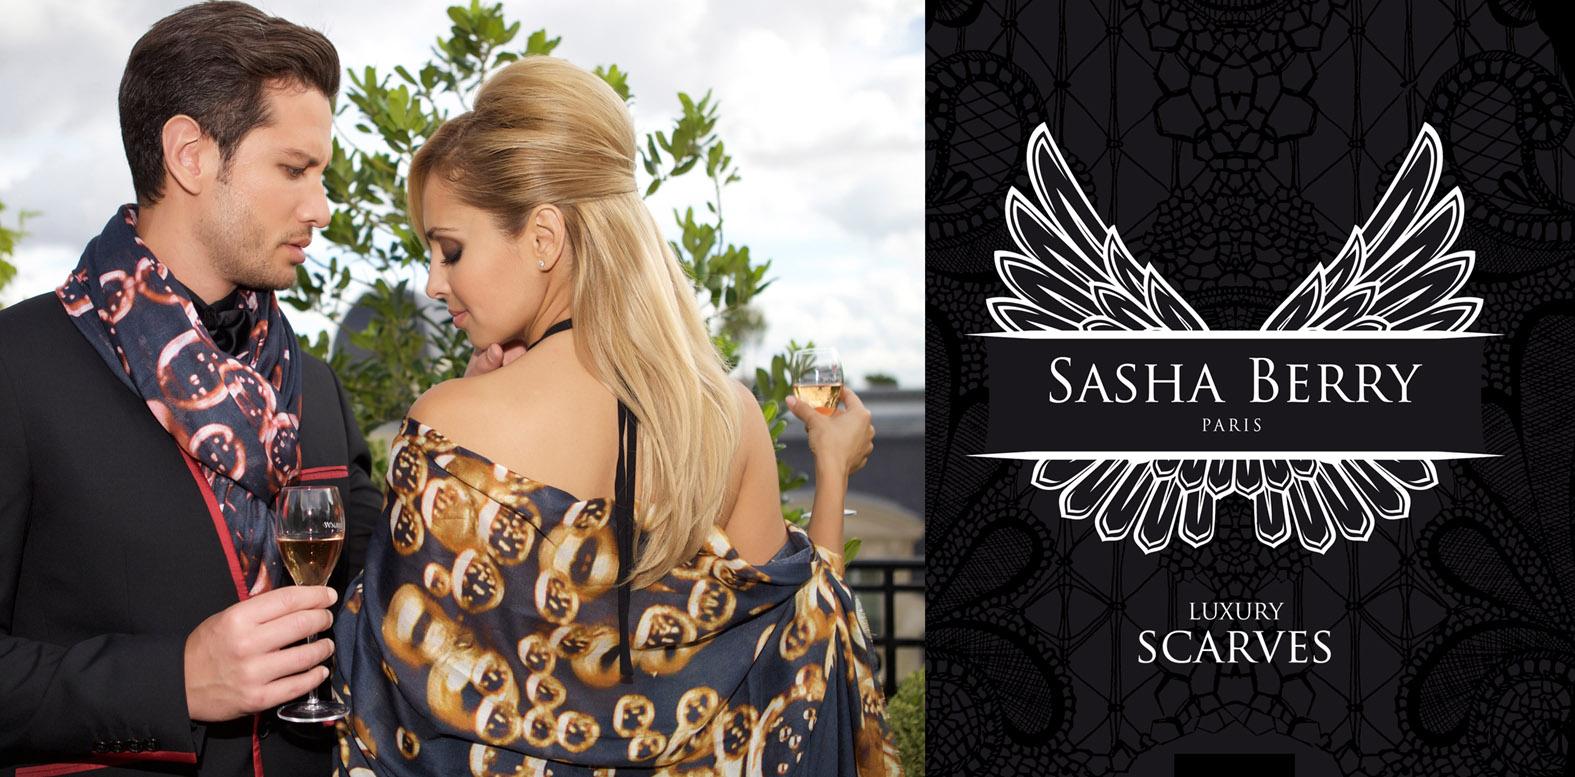 Sasha Berry - Écharpes